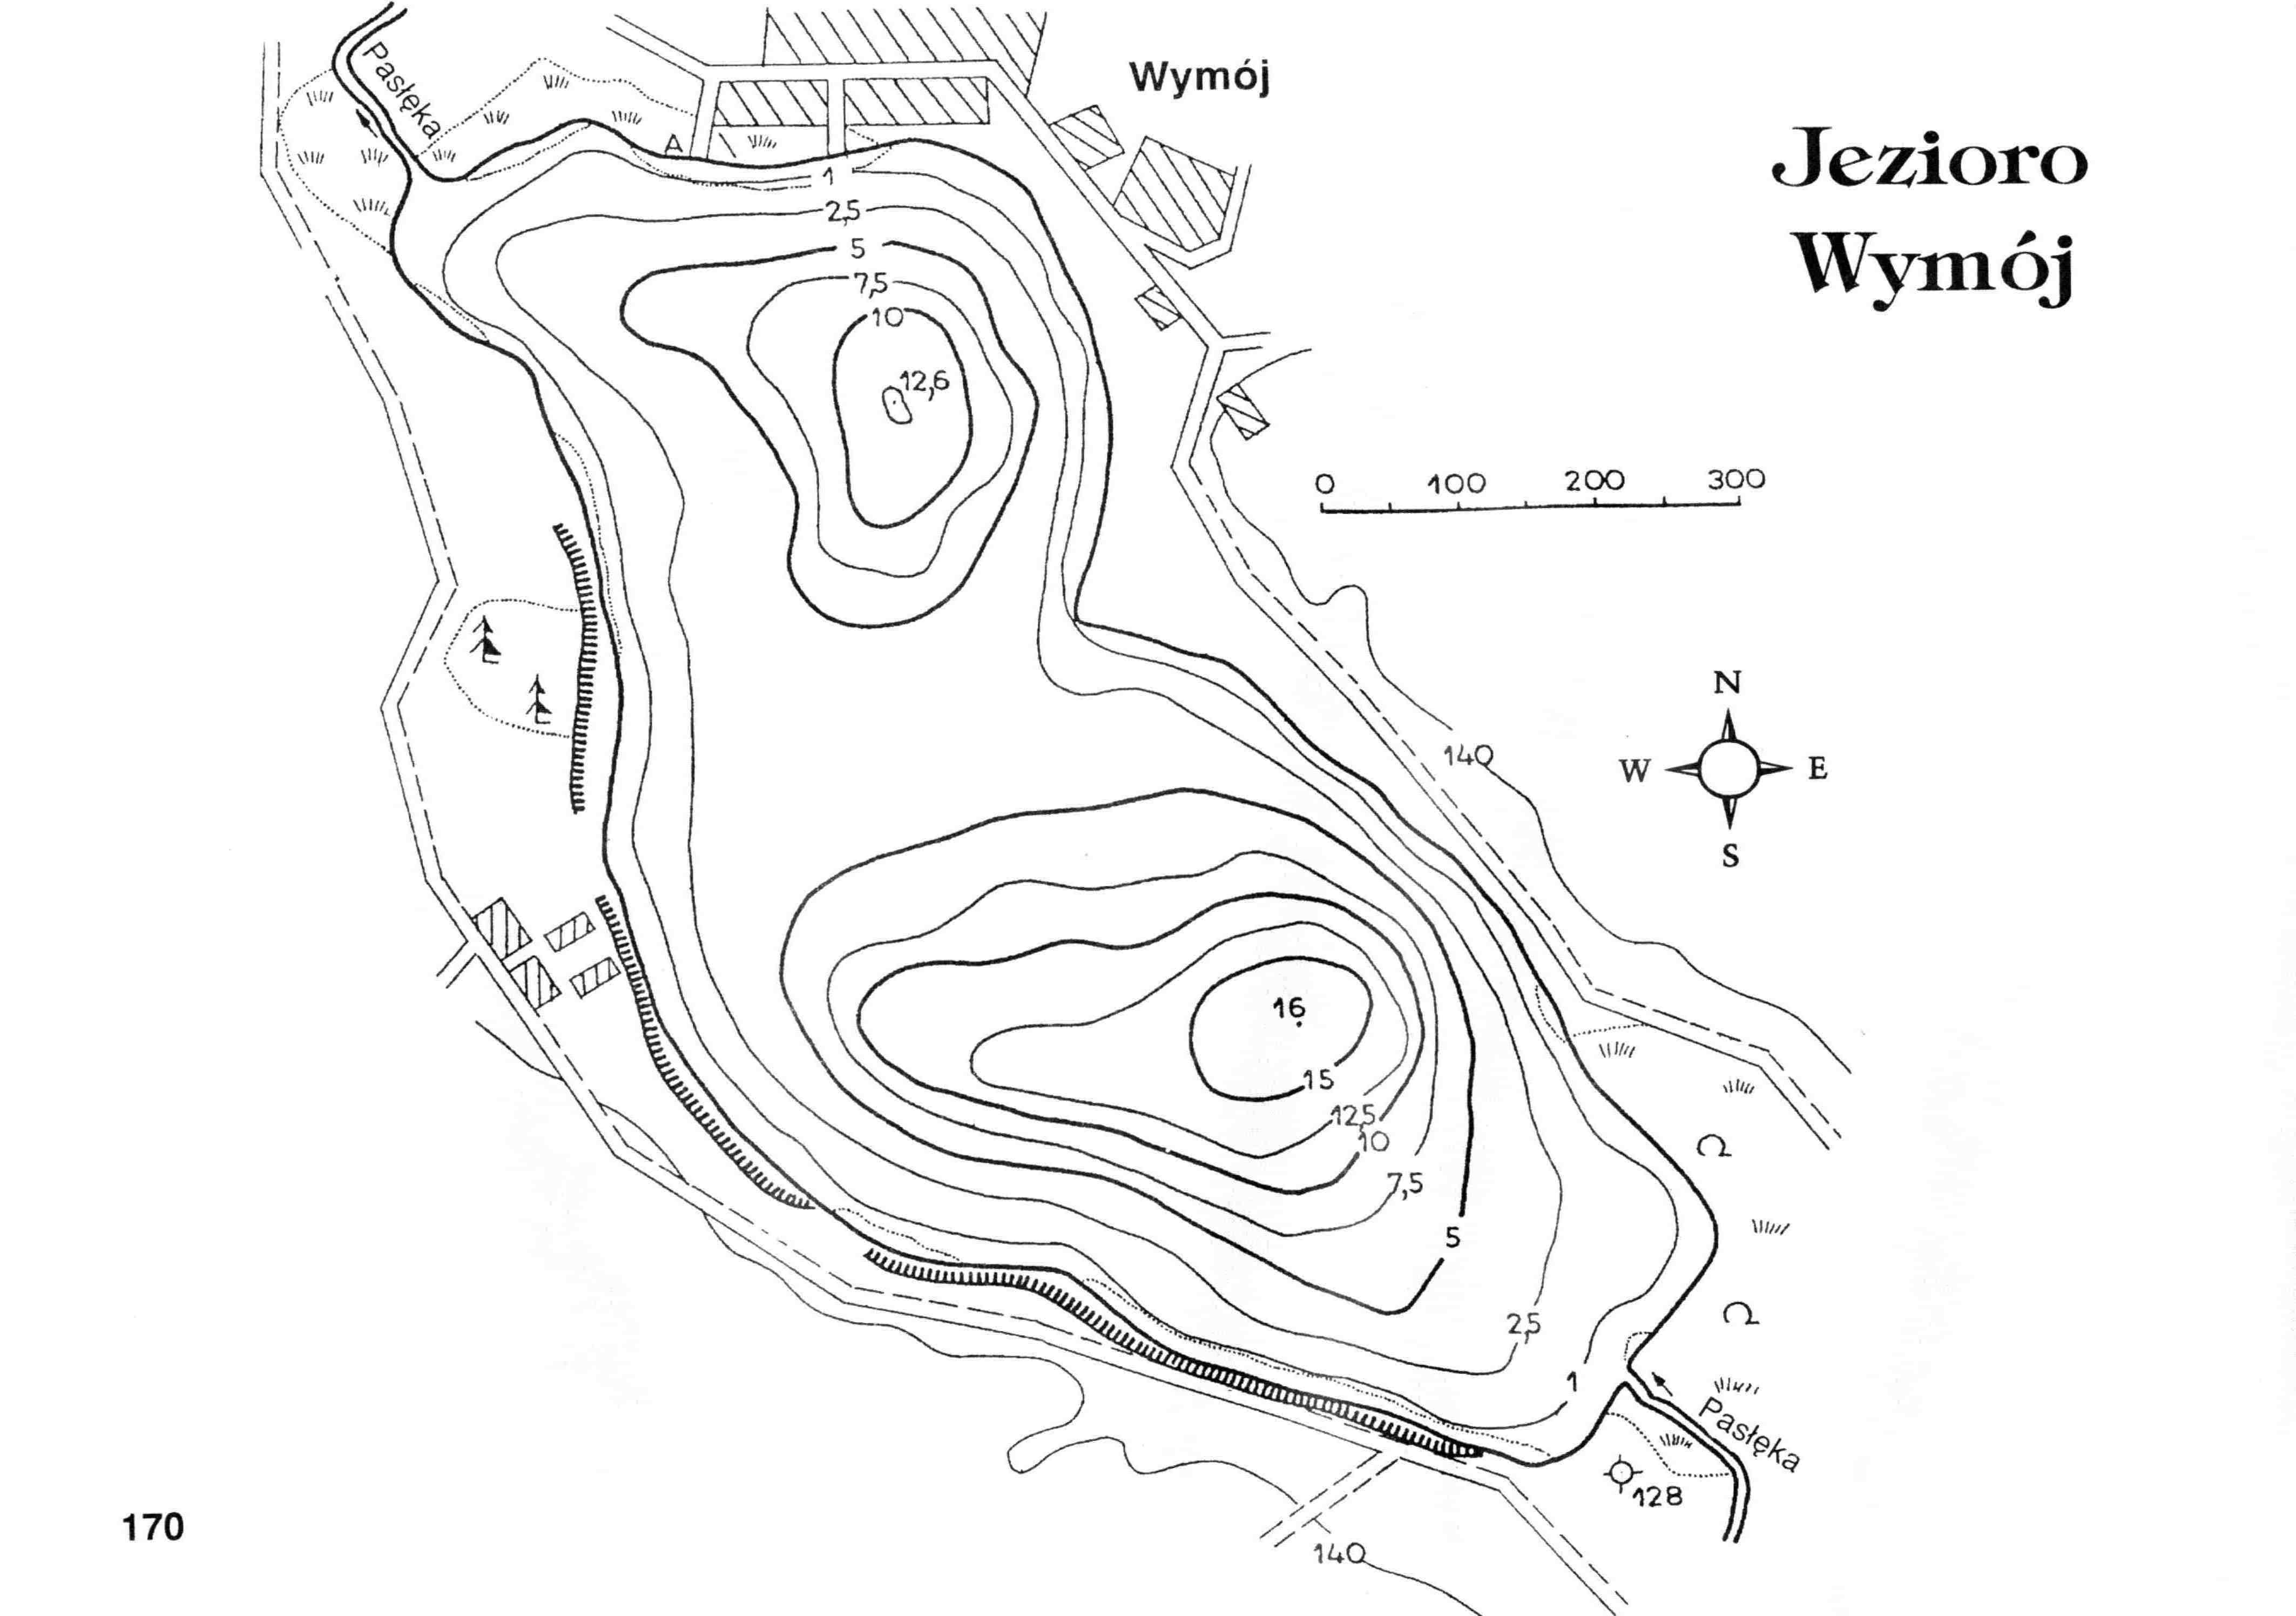 Mapa batymetryczna